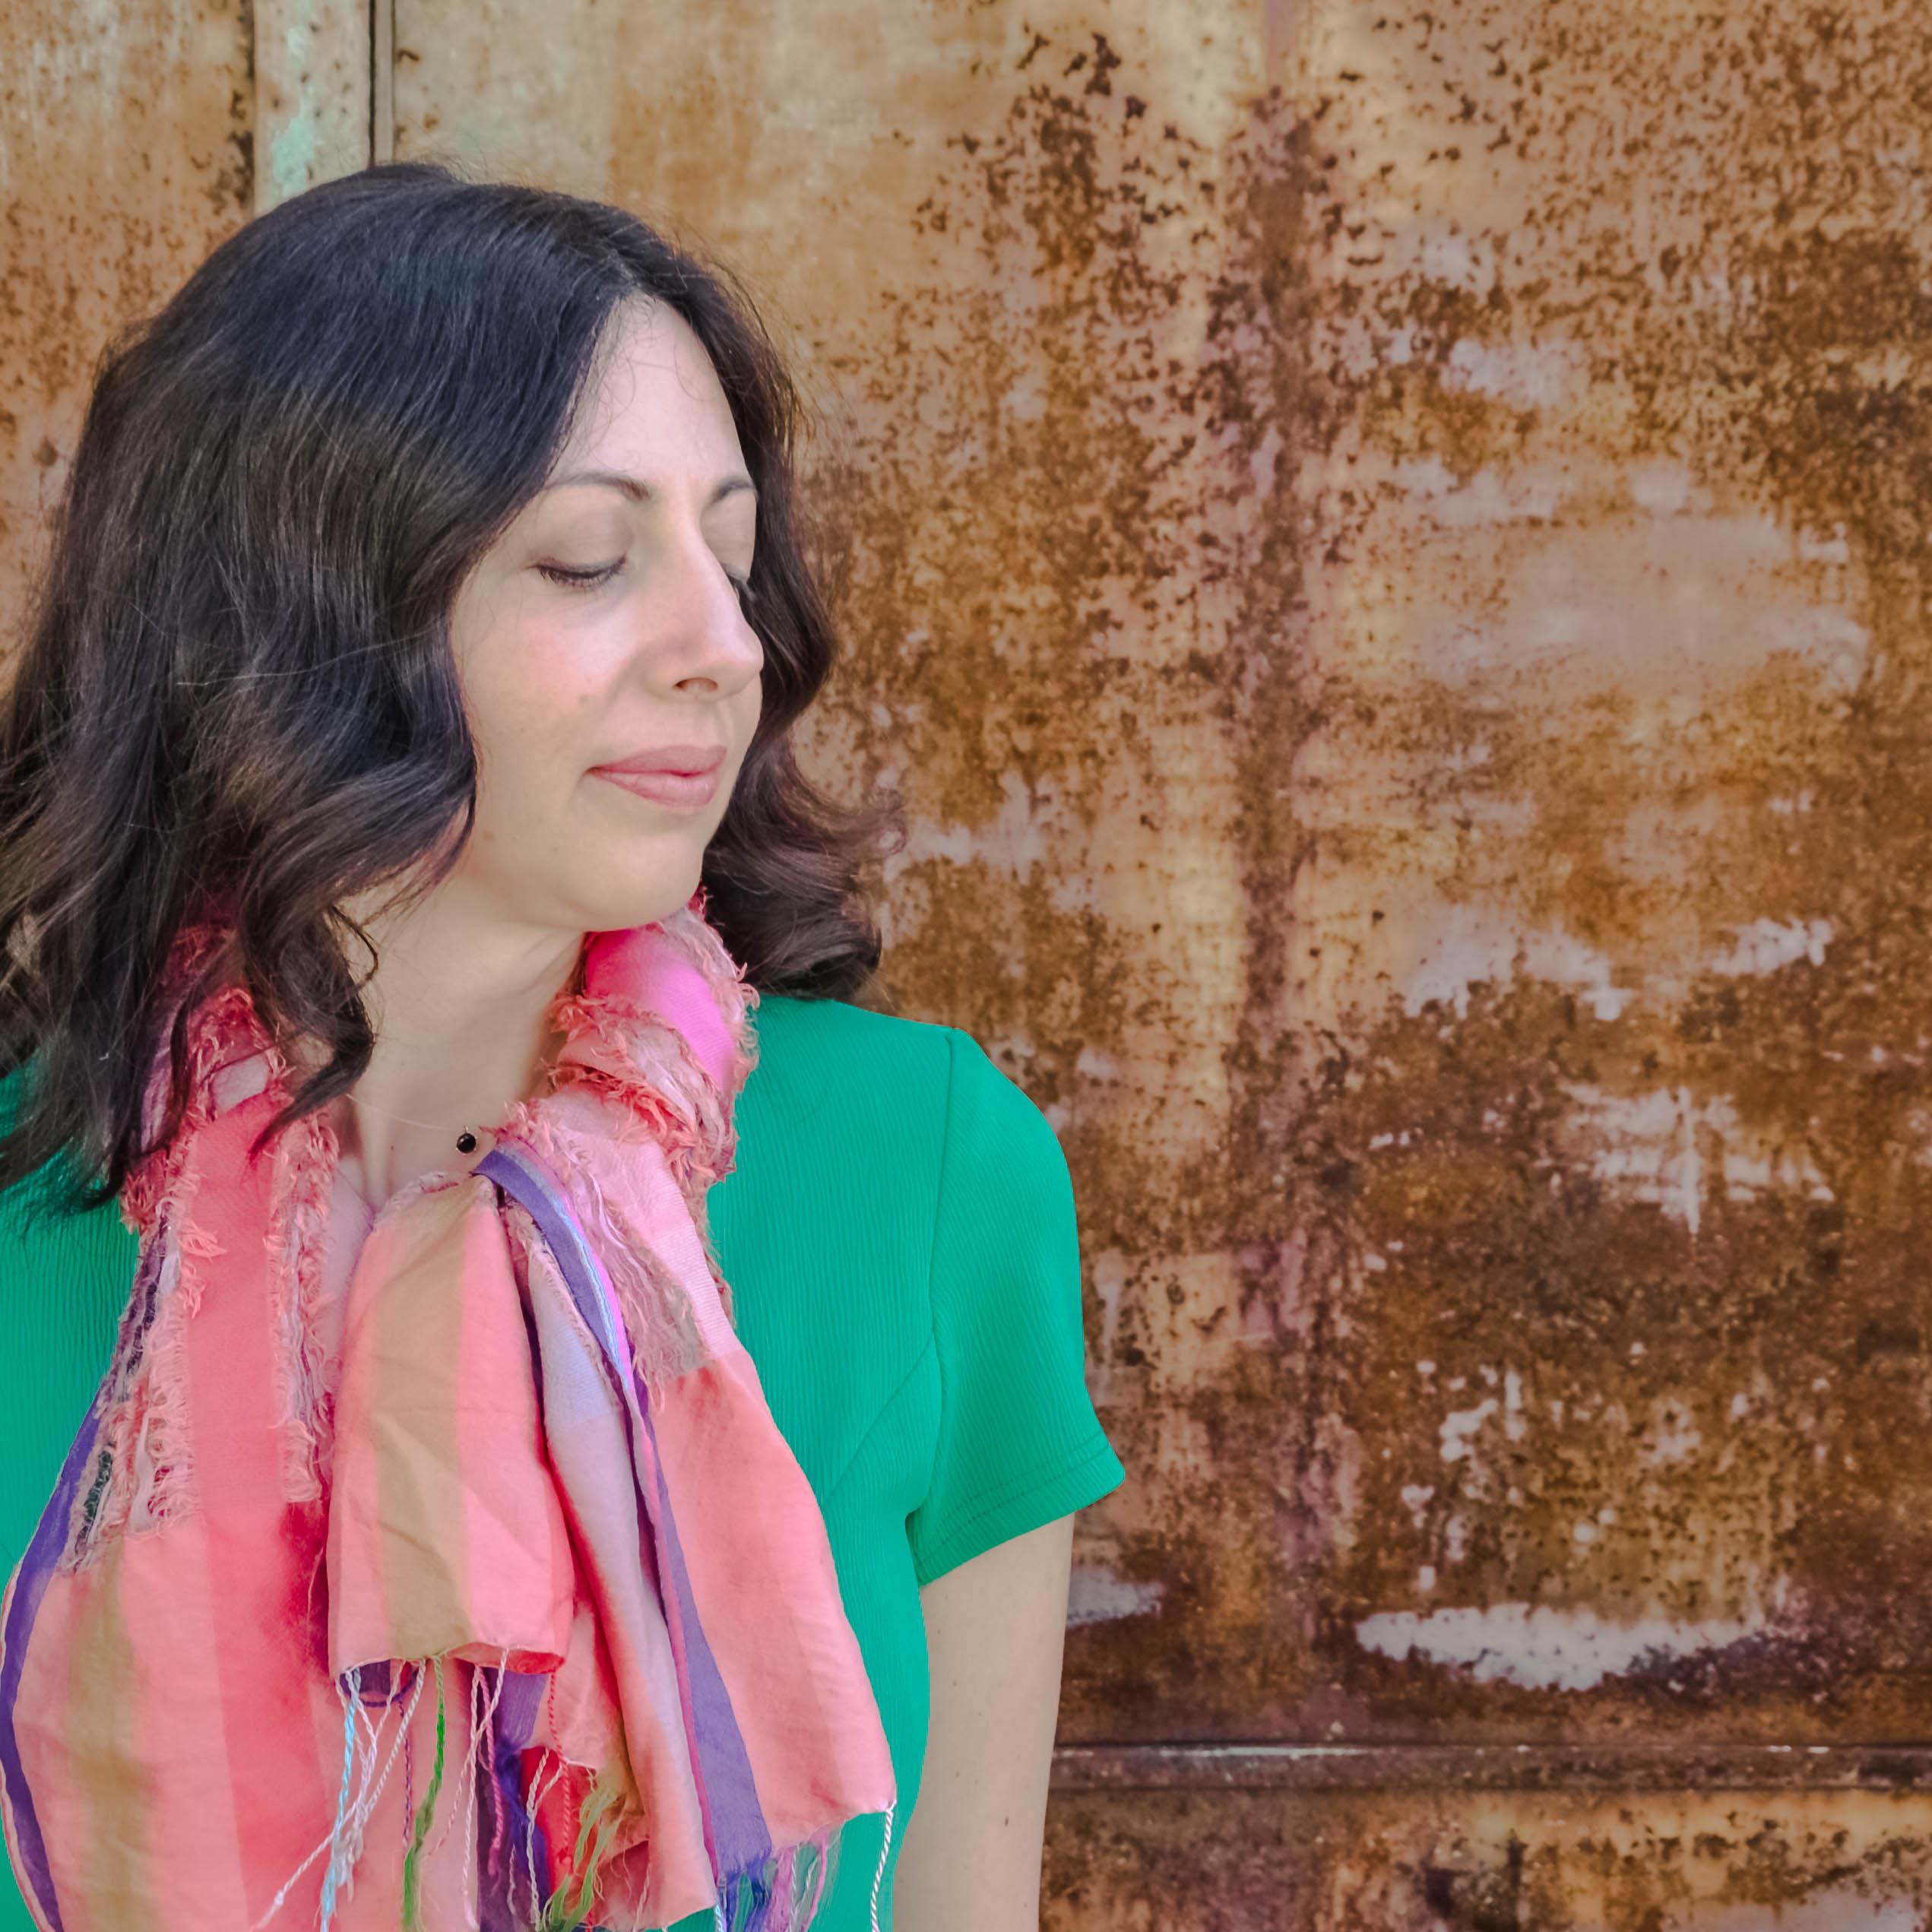 Che Colore Abbinare Al Giallo come abbinare i colori: il verde smeraldo - the fashion